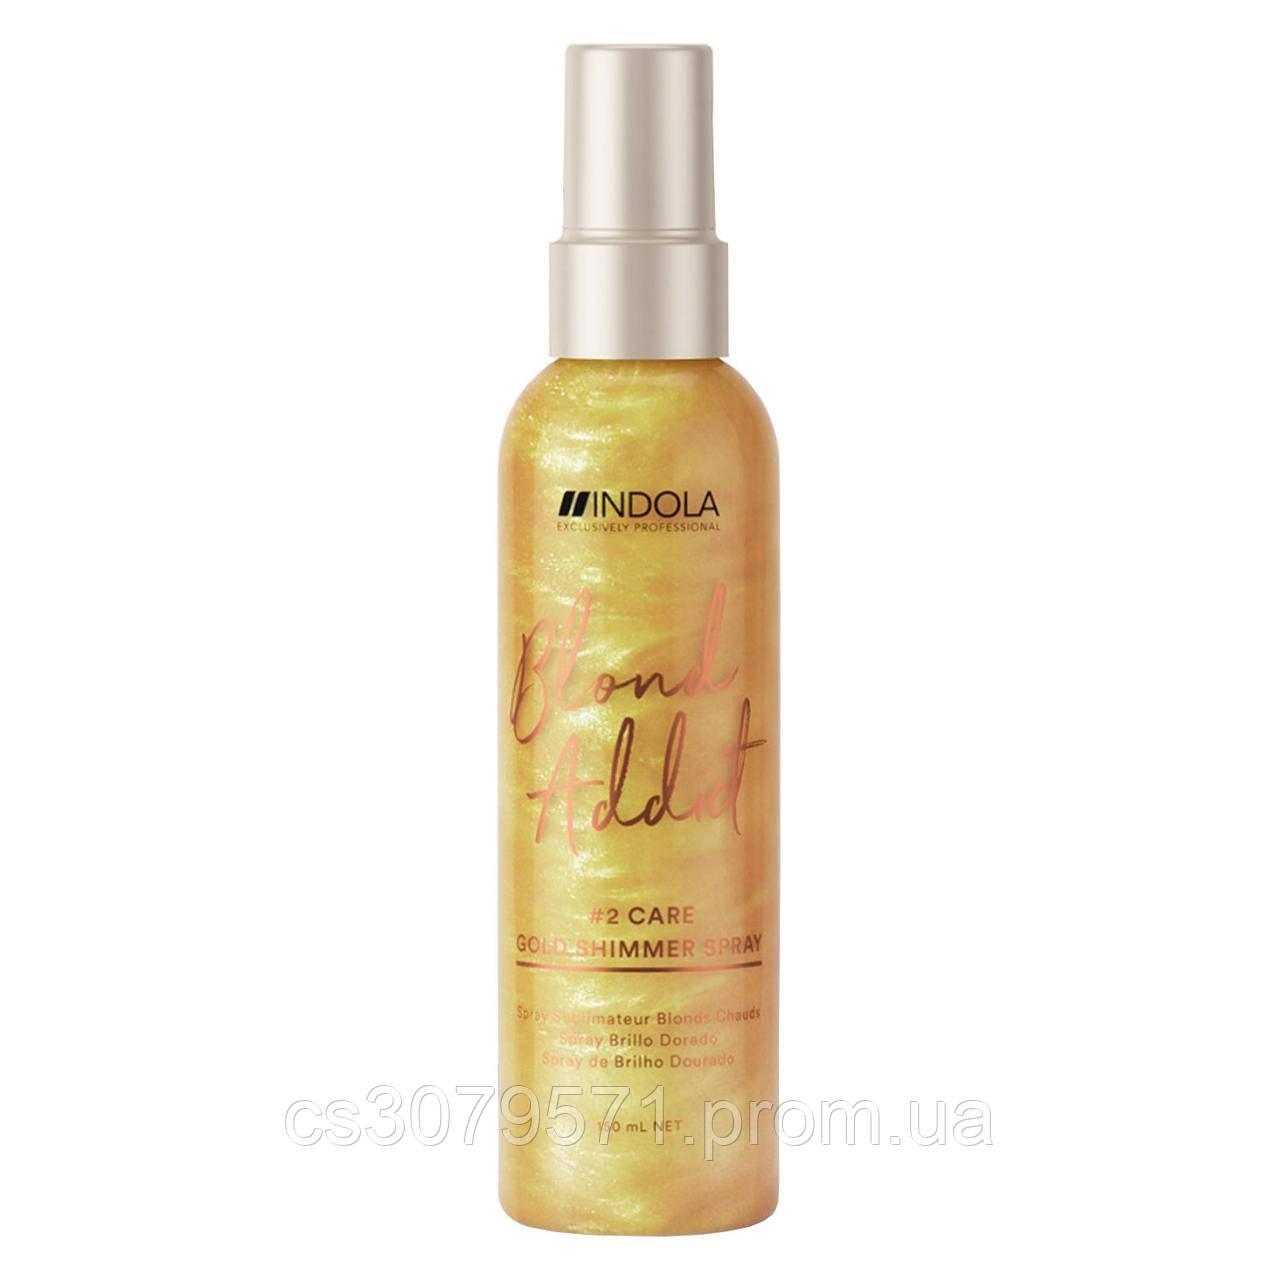 Спрей для придания золотого блеска Indola Blond Addict Gold Shimmer Spray 150 мл